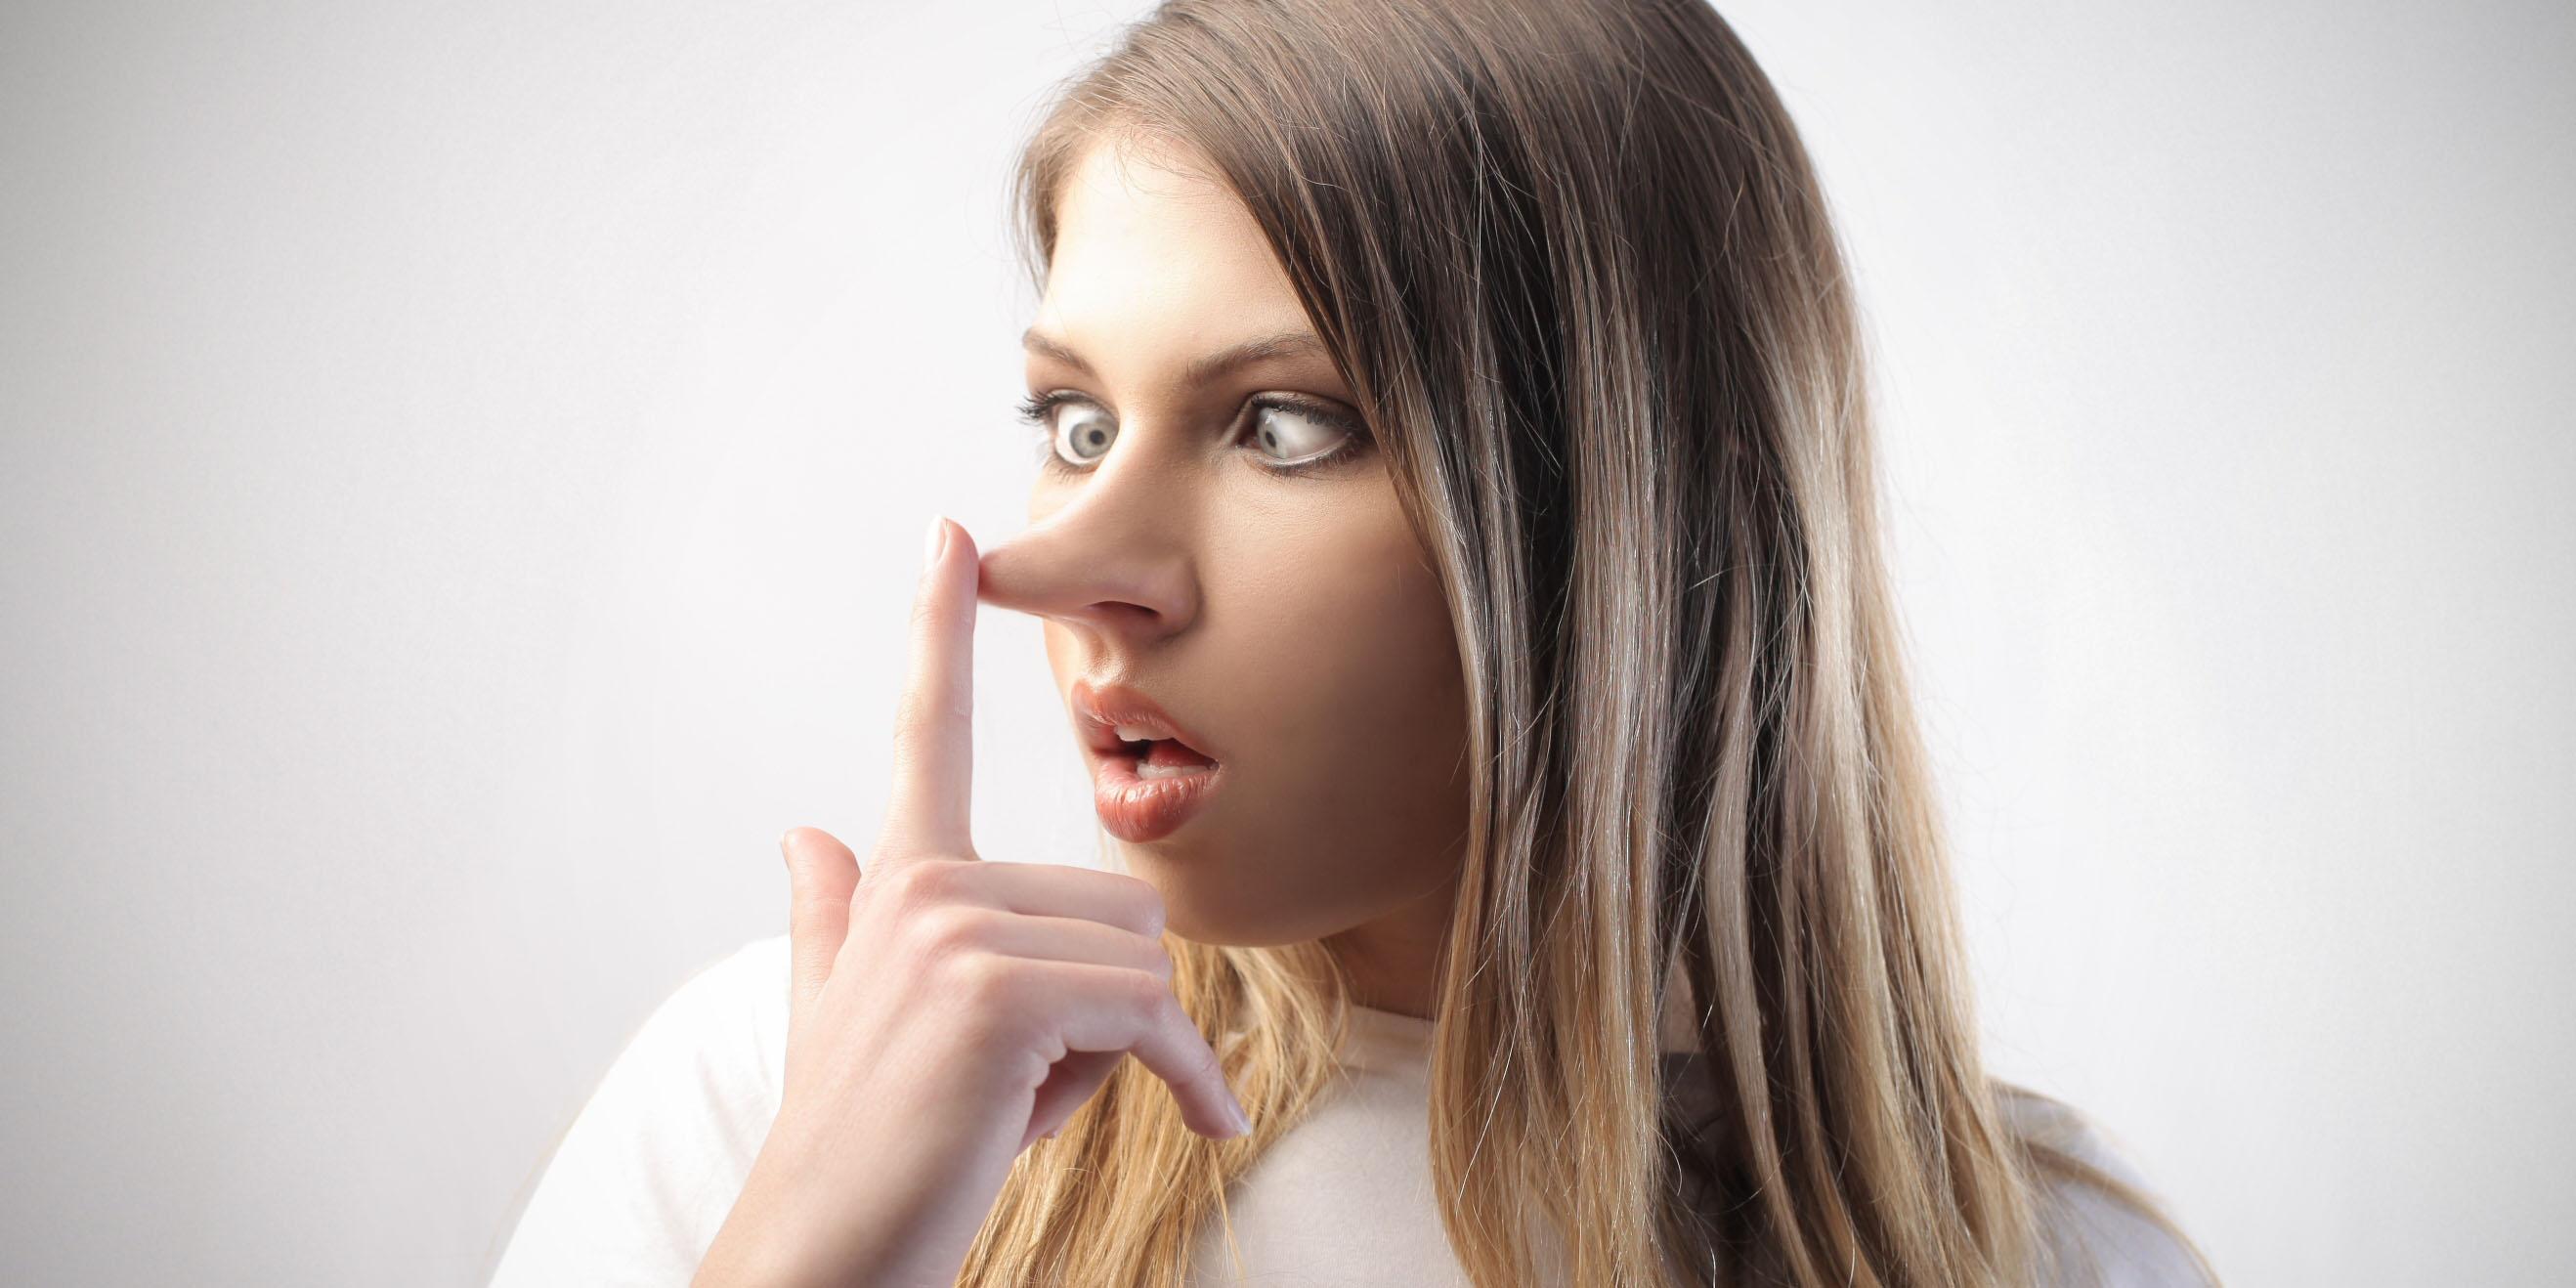 Come Scoprire i Bugiardi Secondo la Scienza  Ecco i Segnali da Non Ignorare  - Roba da Donne db7e1aac0058